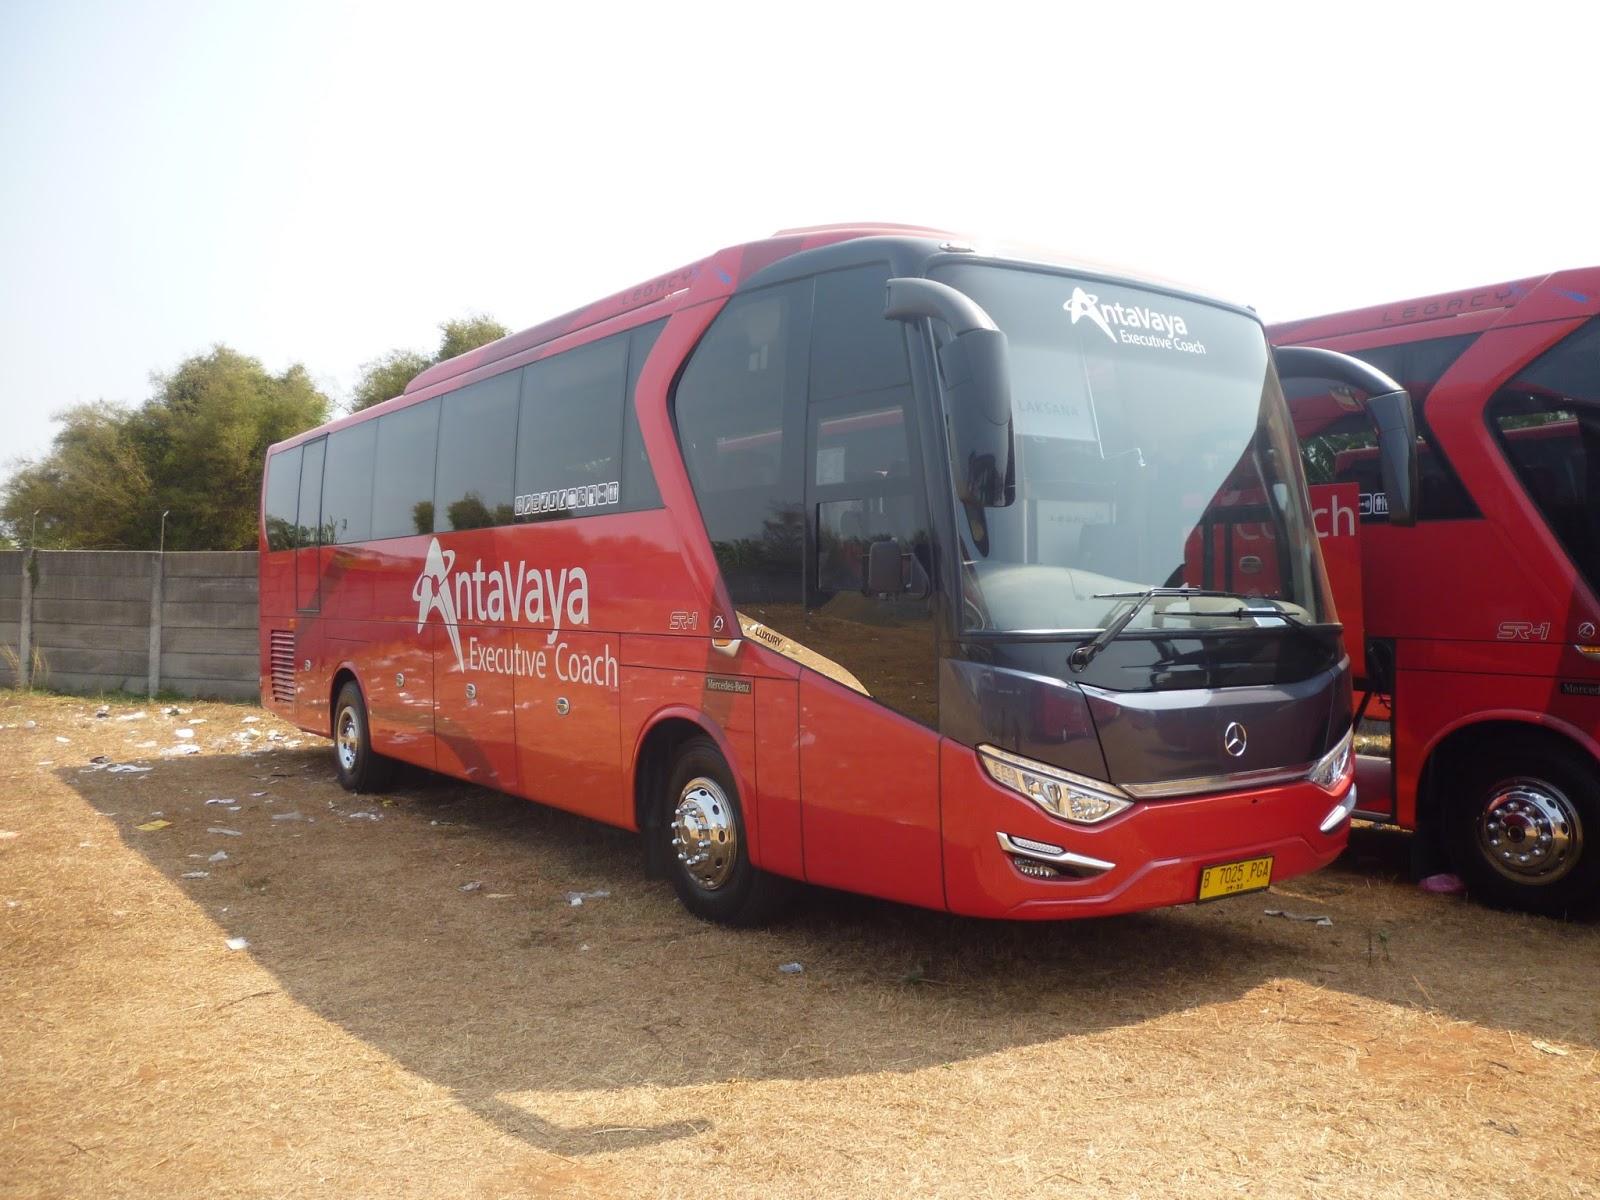 Kondisi Bus Wisata yang Akan Digunakan - 6 Tips Memilih Bus Wisata untuk Perjalanan yang Nyaman dan Aman